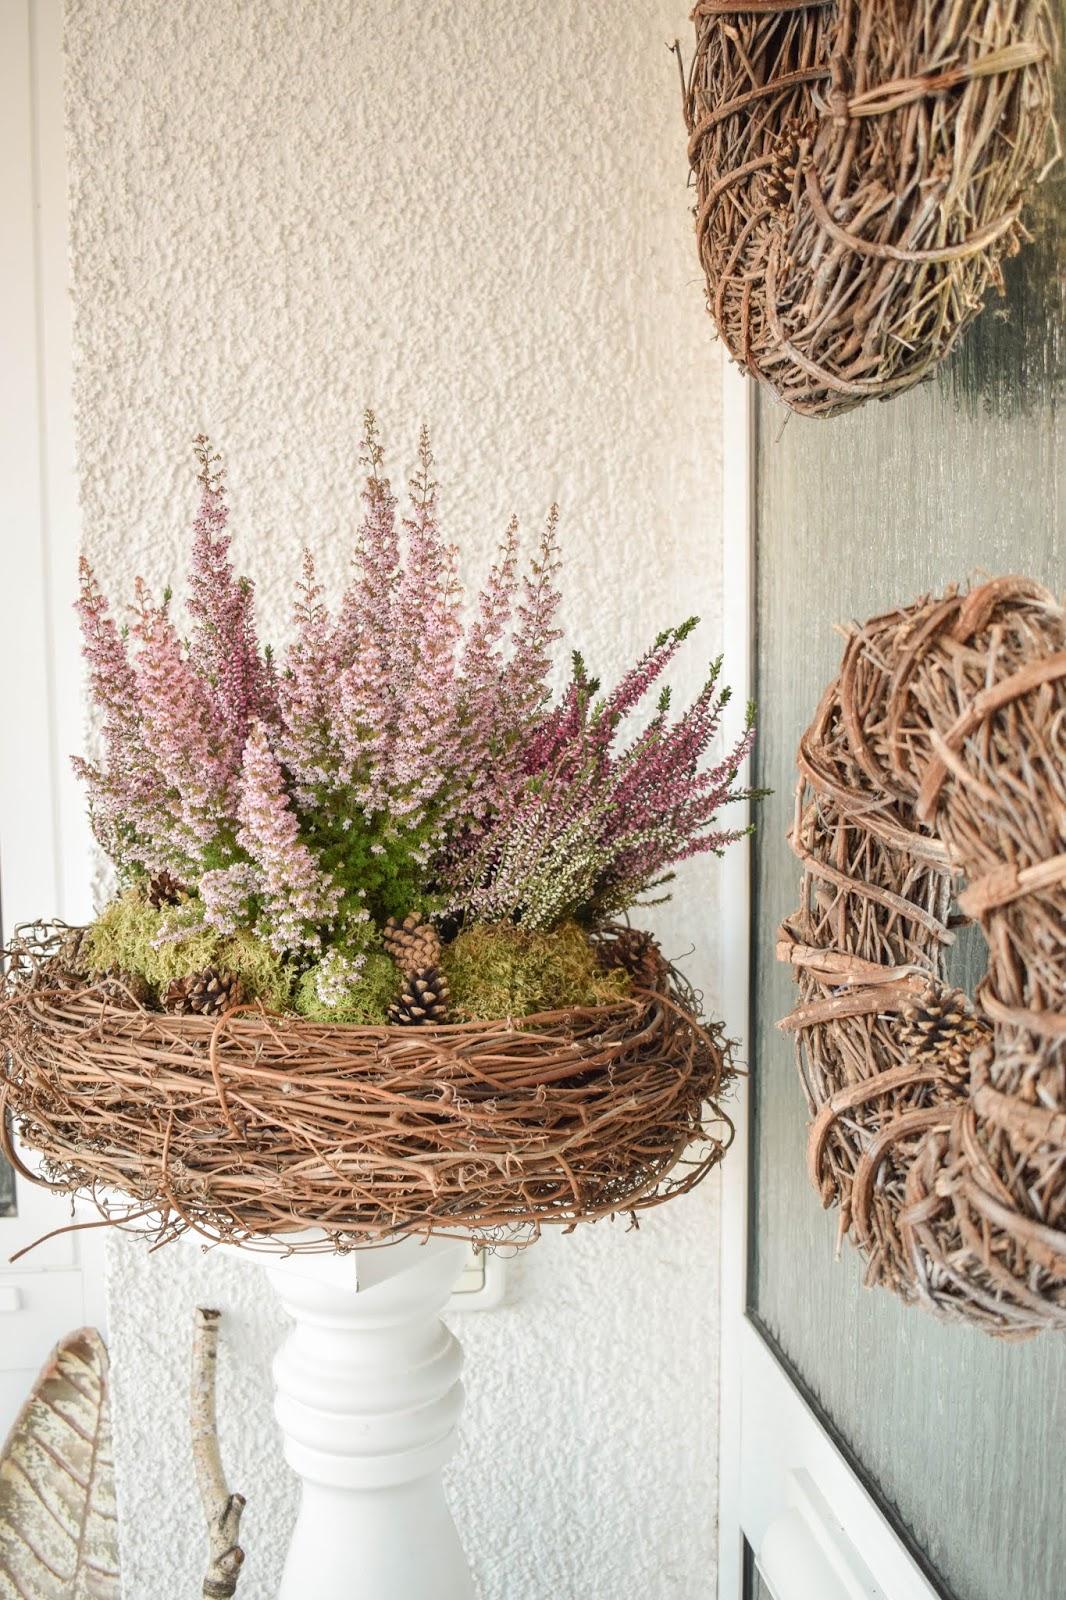 DIY Deko für Herbst und Winter: natürlich mit Moos, Erika, Heidekraut, Zapfen dekorieren. Dekoidee Haustüre Konsole Sideboard